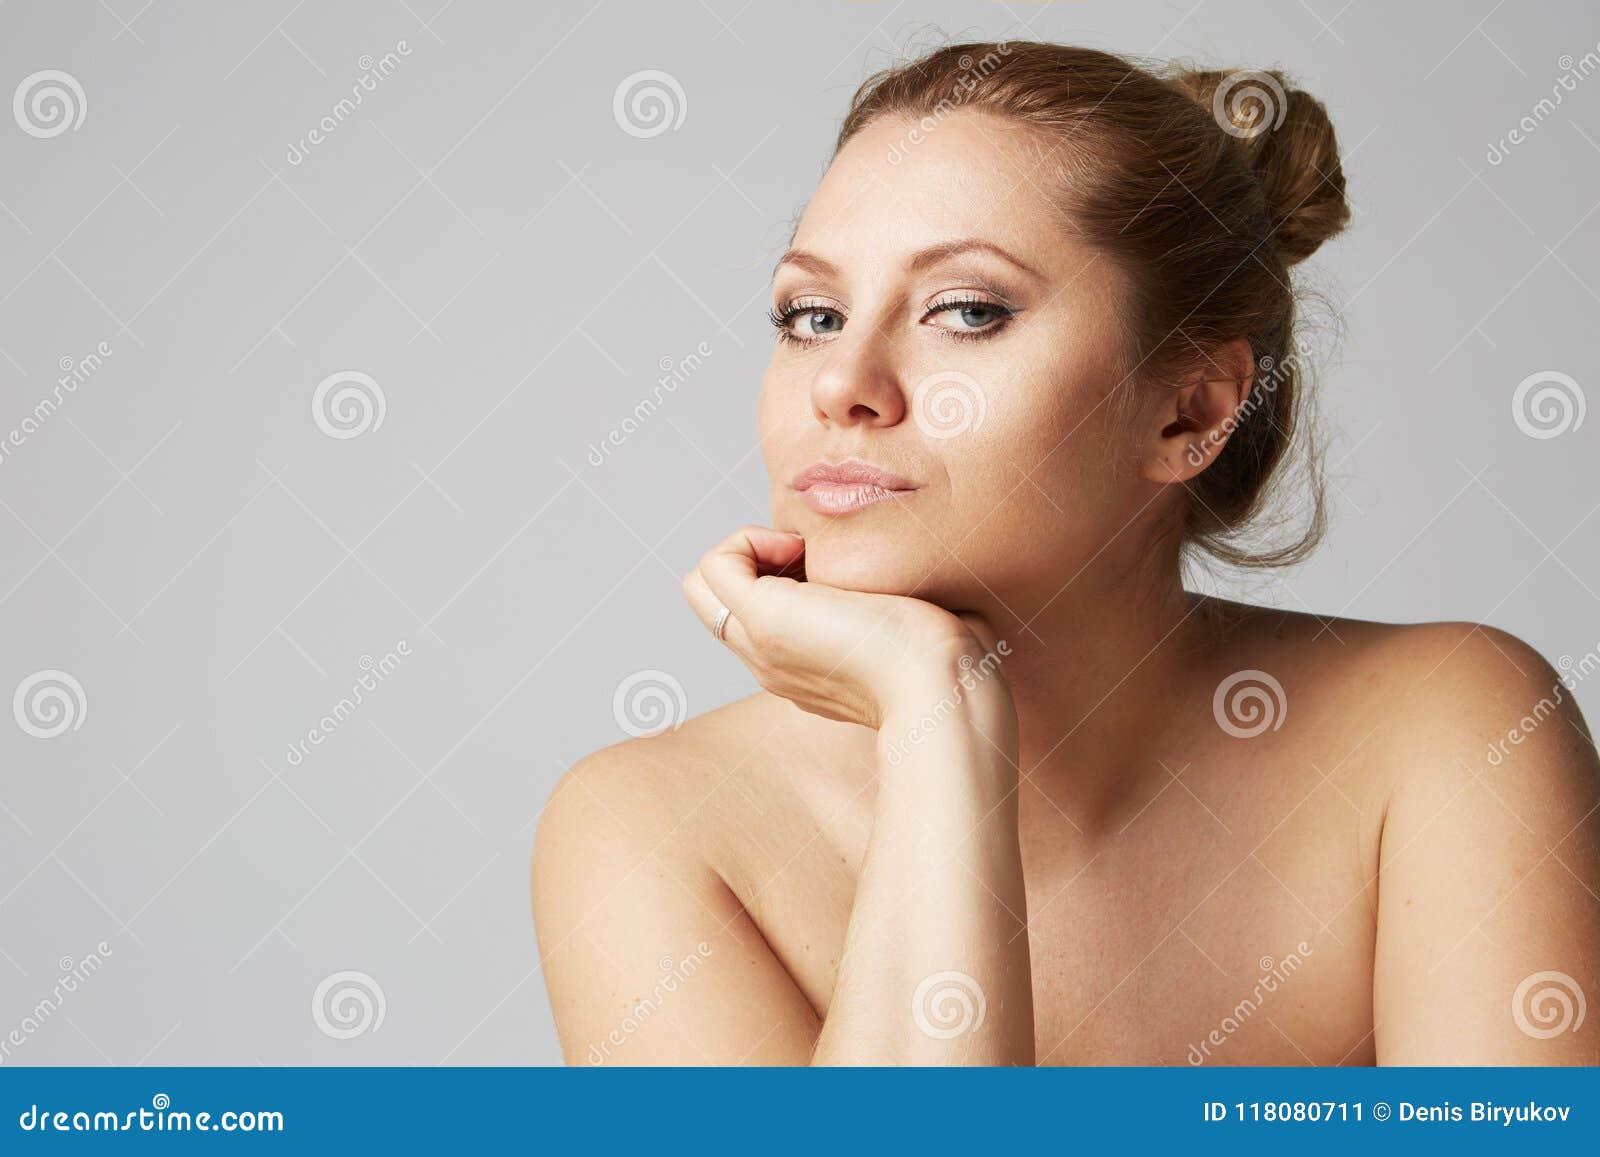 Nude Hue